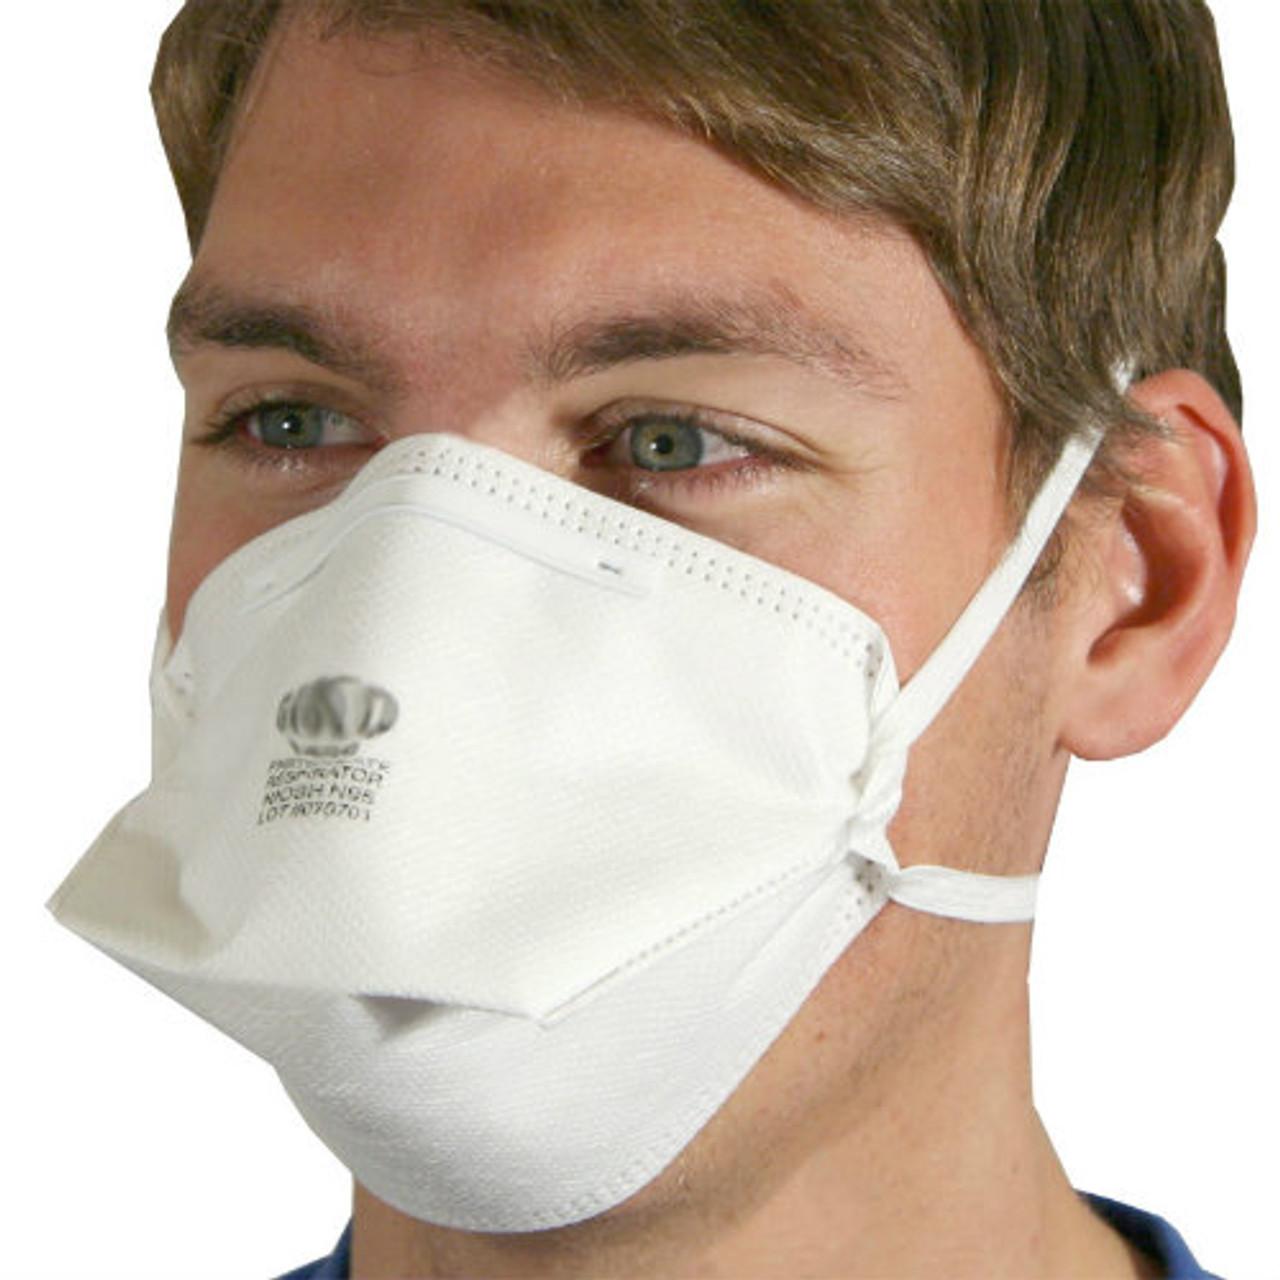 Fold-Flat N95 Particulate Respirator Masks - 20 per Box